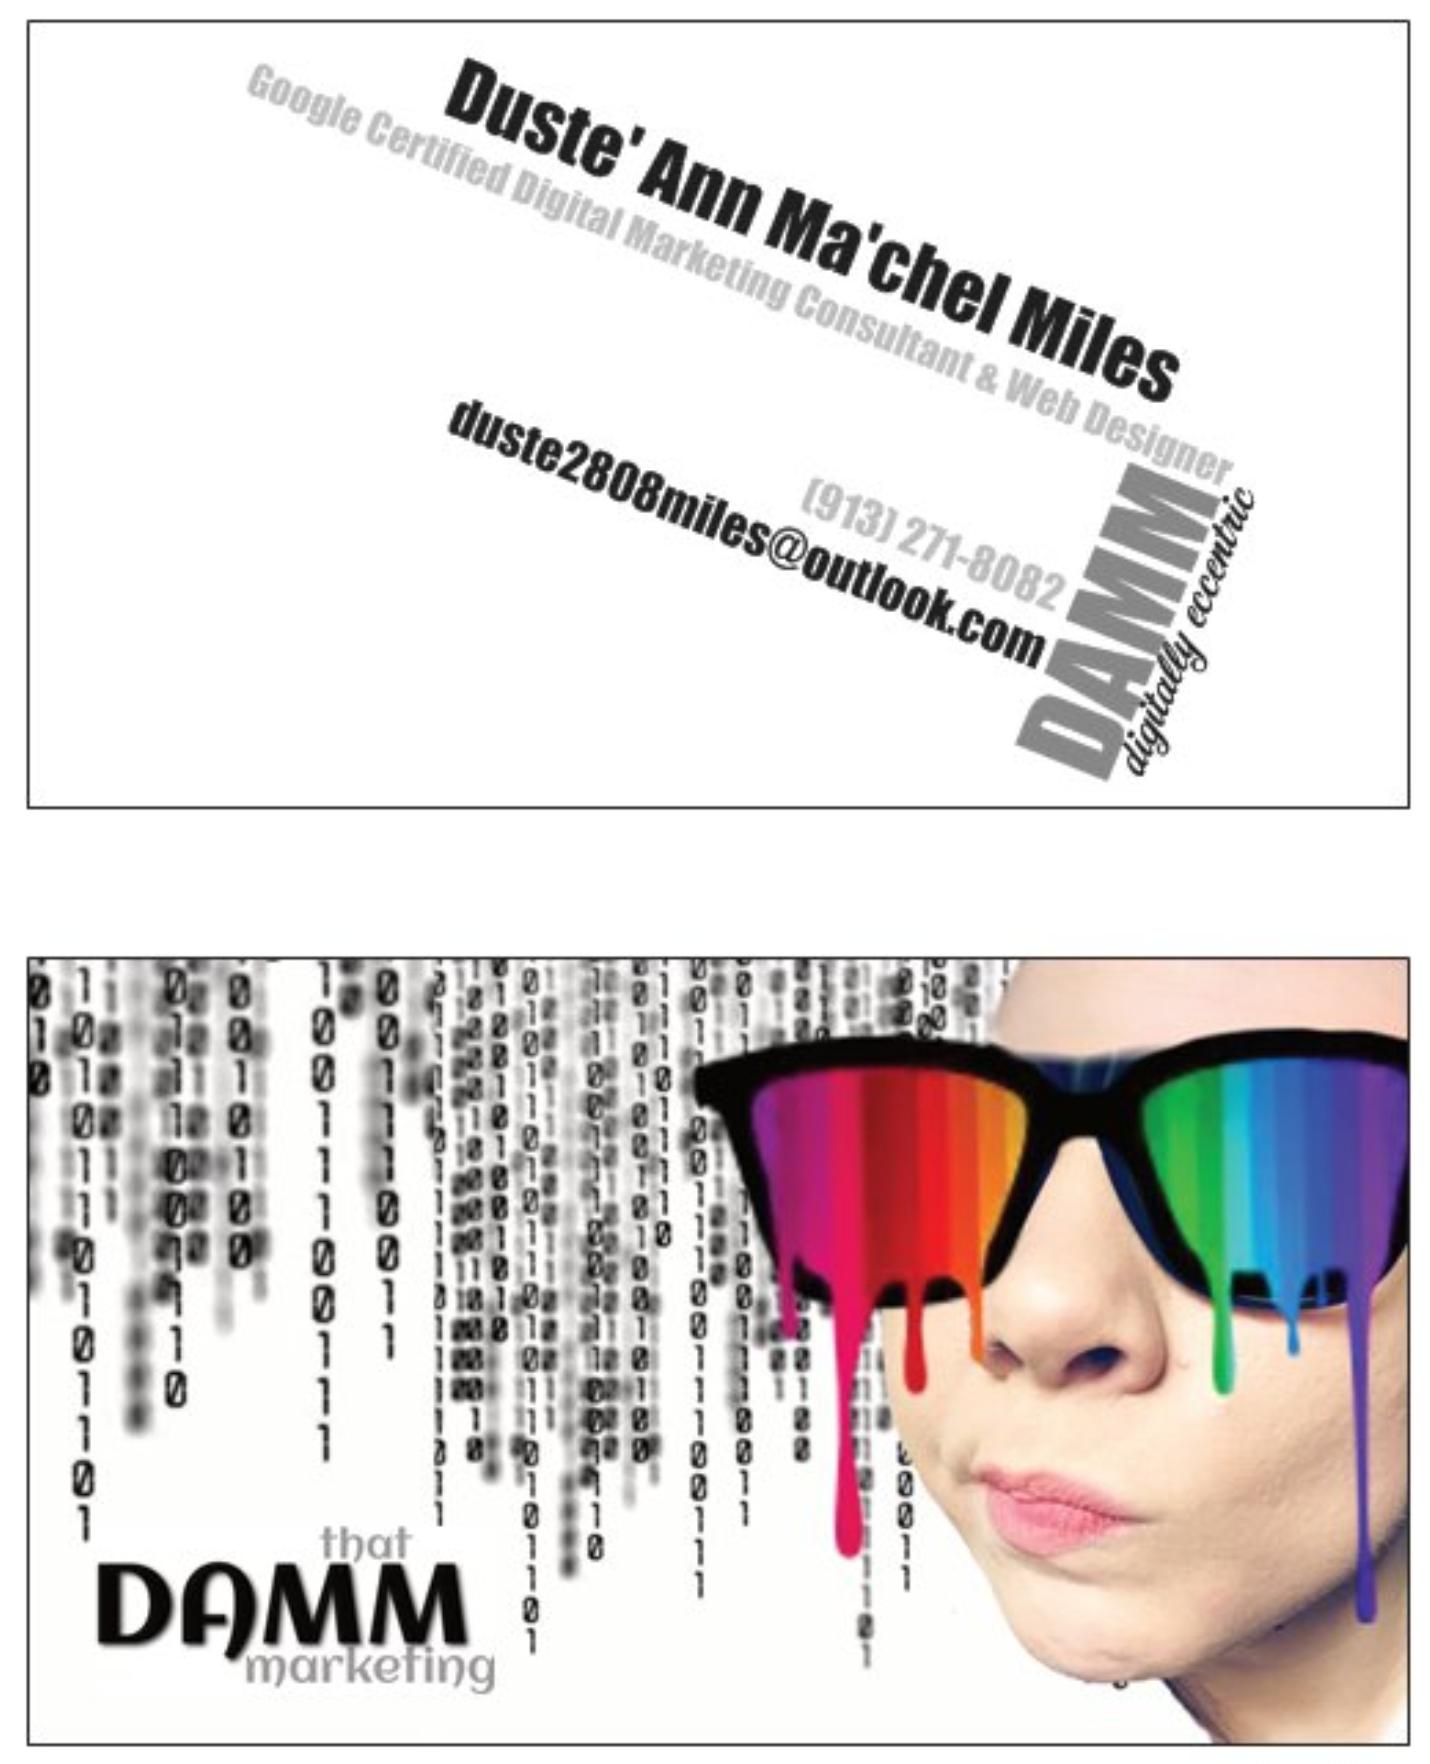 That DAMM Marketing